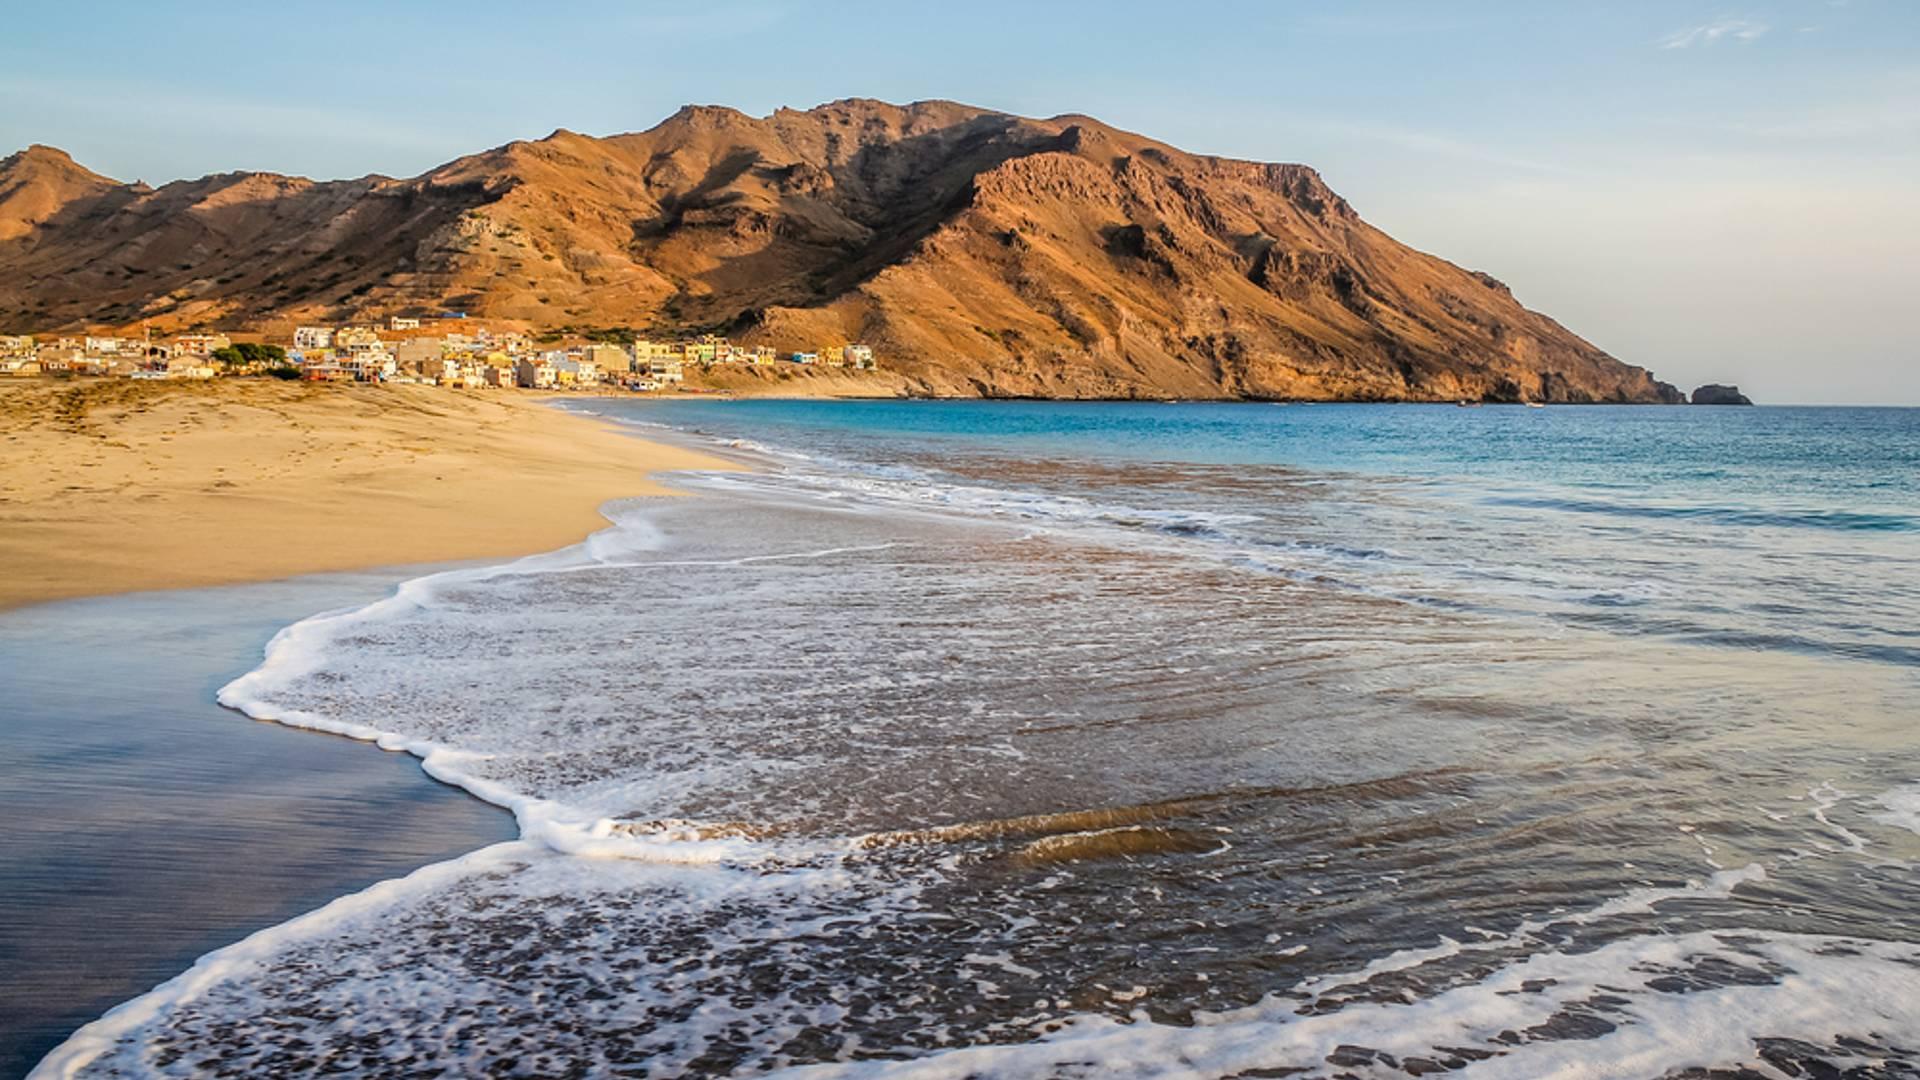 Vallées tropicales et plage de sable blond